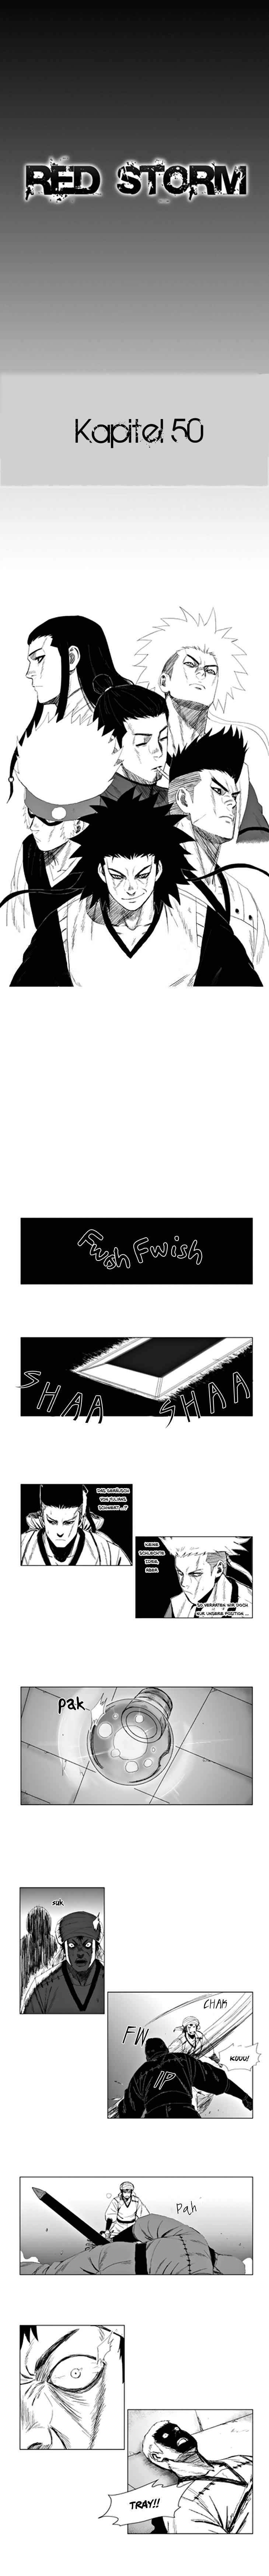 https://wie.mangadogs.com/comics/pic/13/525/201805/Kapitel50_0_319.png Page 1